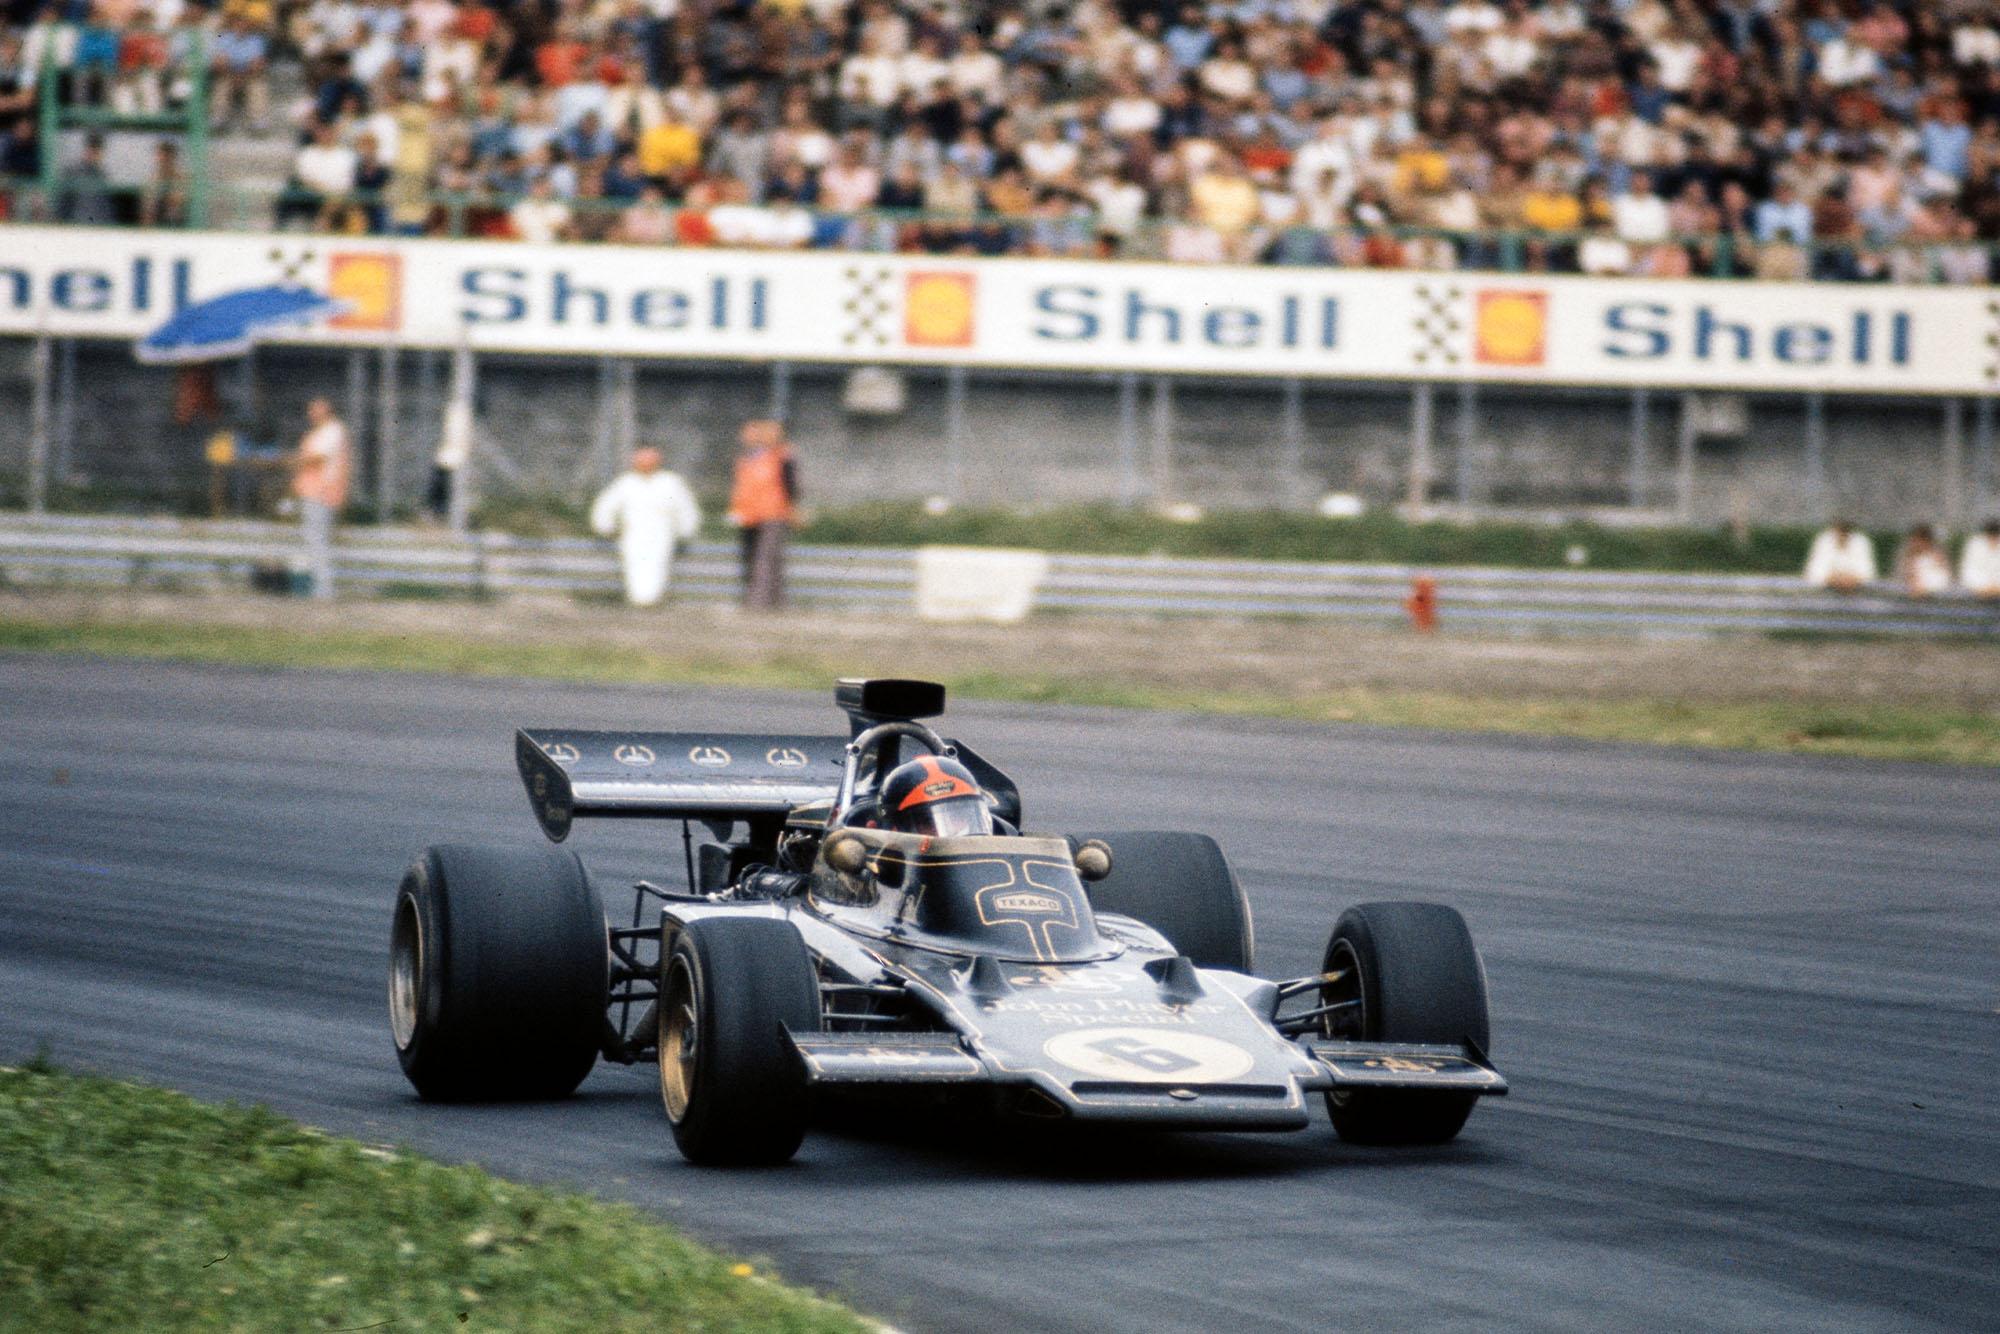 Emerson Fittipaldi rounds the Curva Sud during the 1972 Italian Grand Prix, Monza.